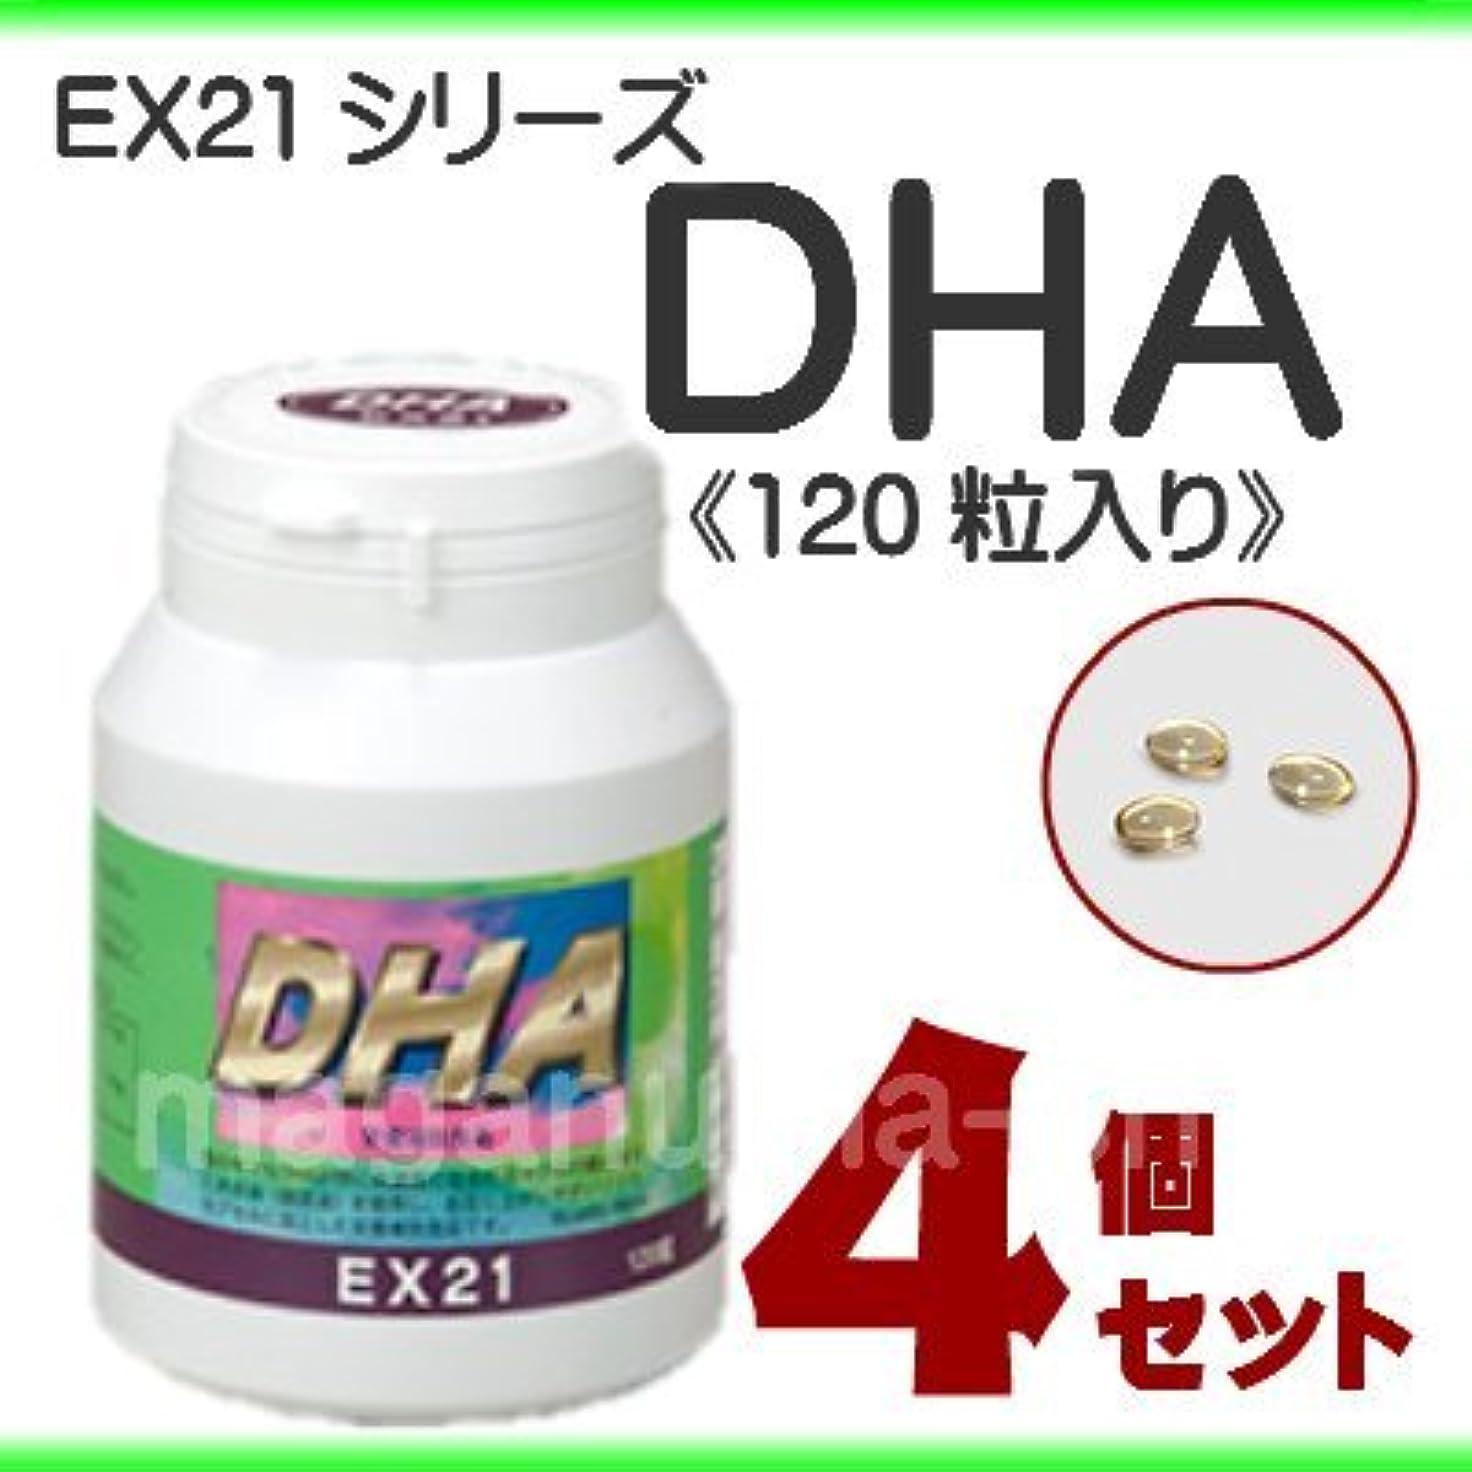 叙情的な主流私たち自身EX21シリーズ DHA 4個セット